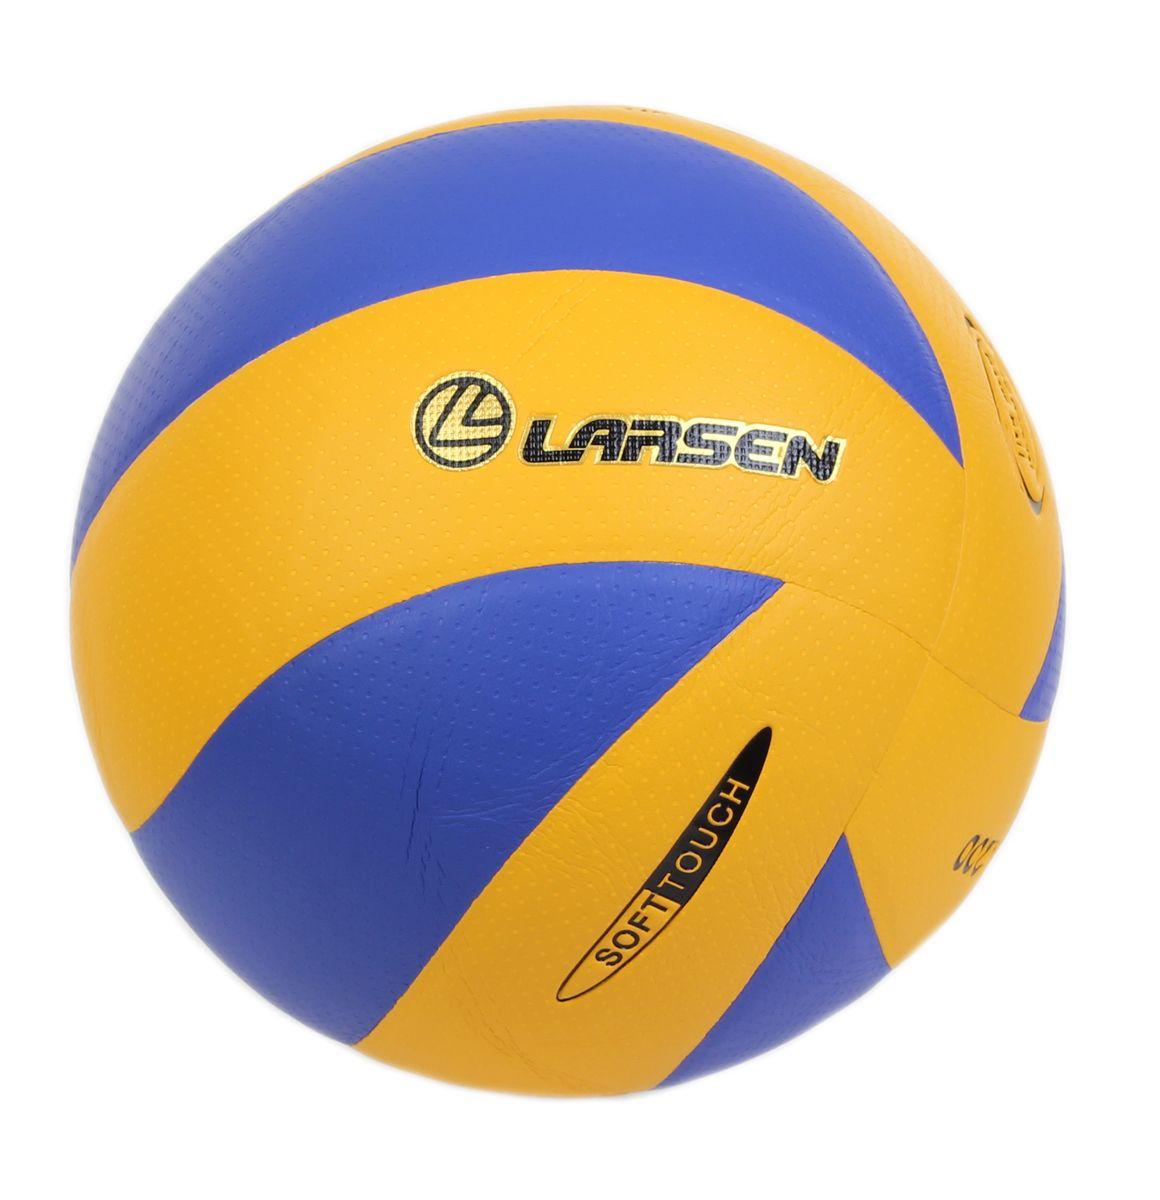 Мяч волейбольный Viva Larsen, VB ECE-1, р.4